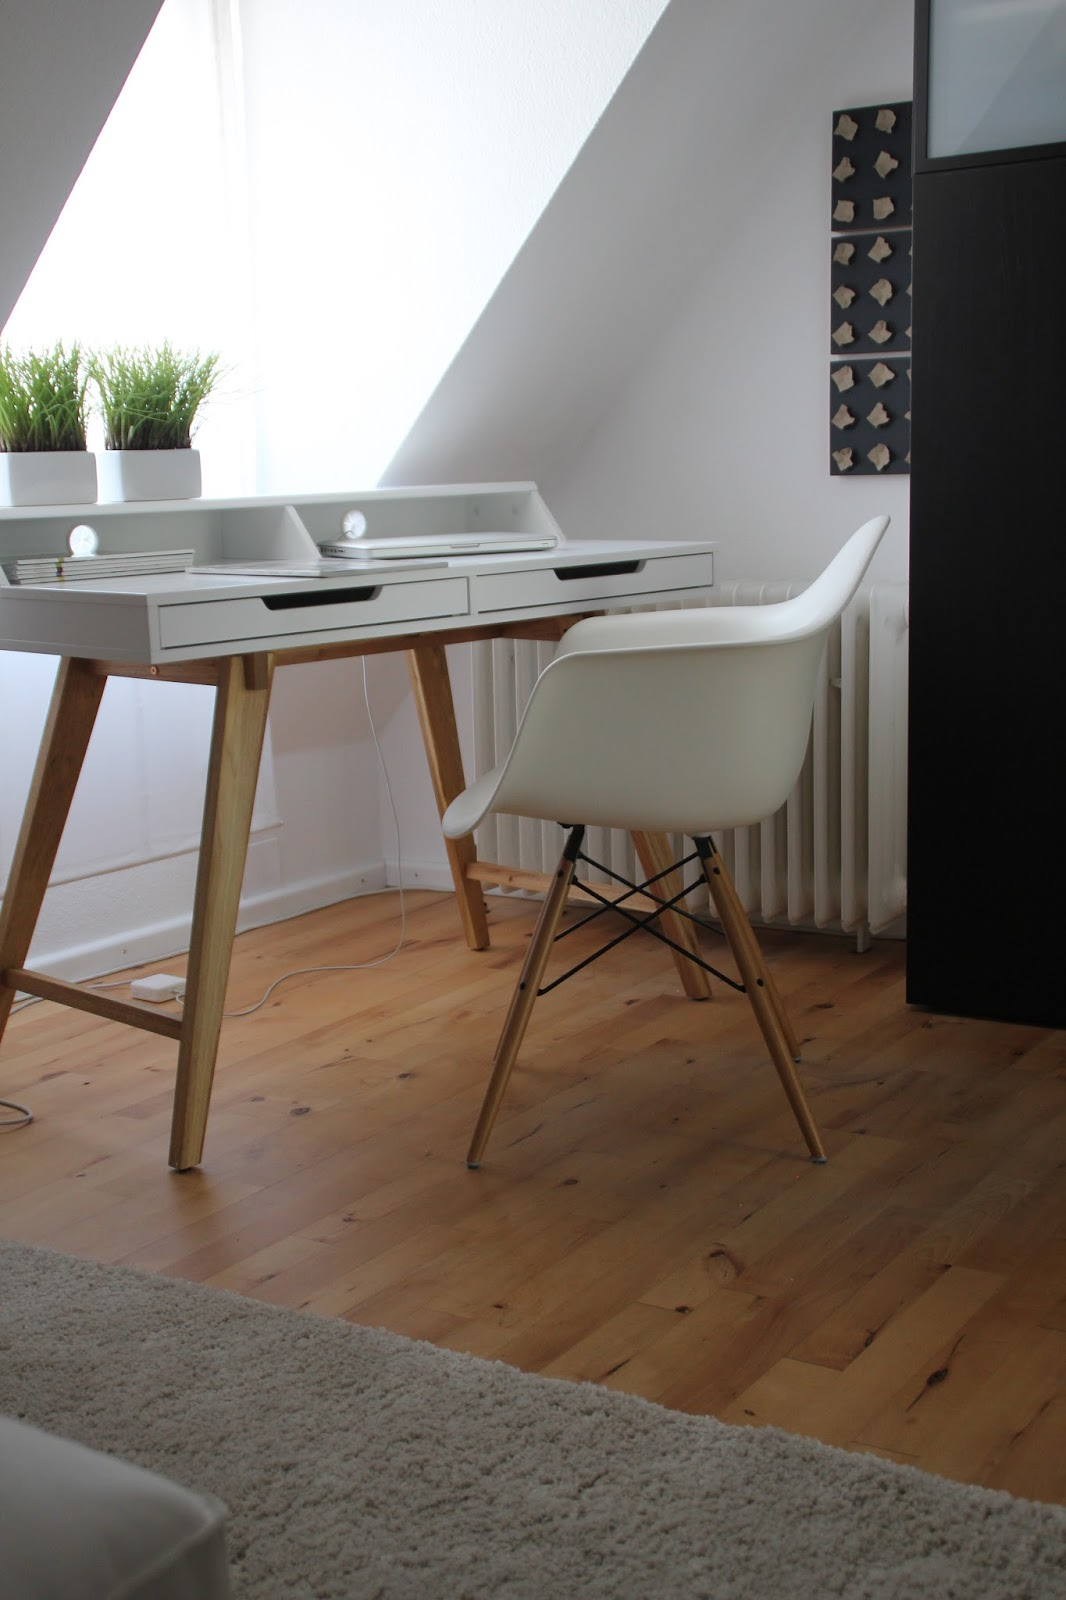 endlich ist er da mein neuer kleiner schreibtisch deko hoch drei. Black Bedroom Furniture Sets. Home Design Ideas